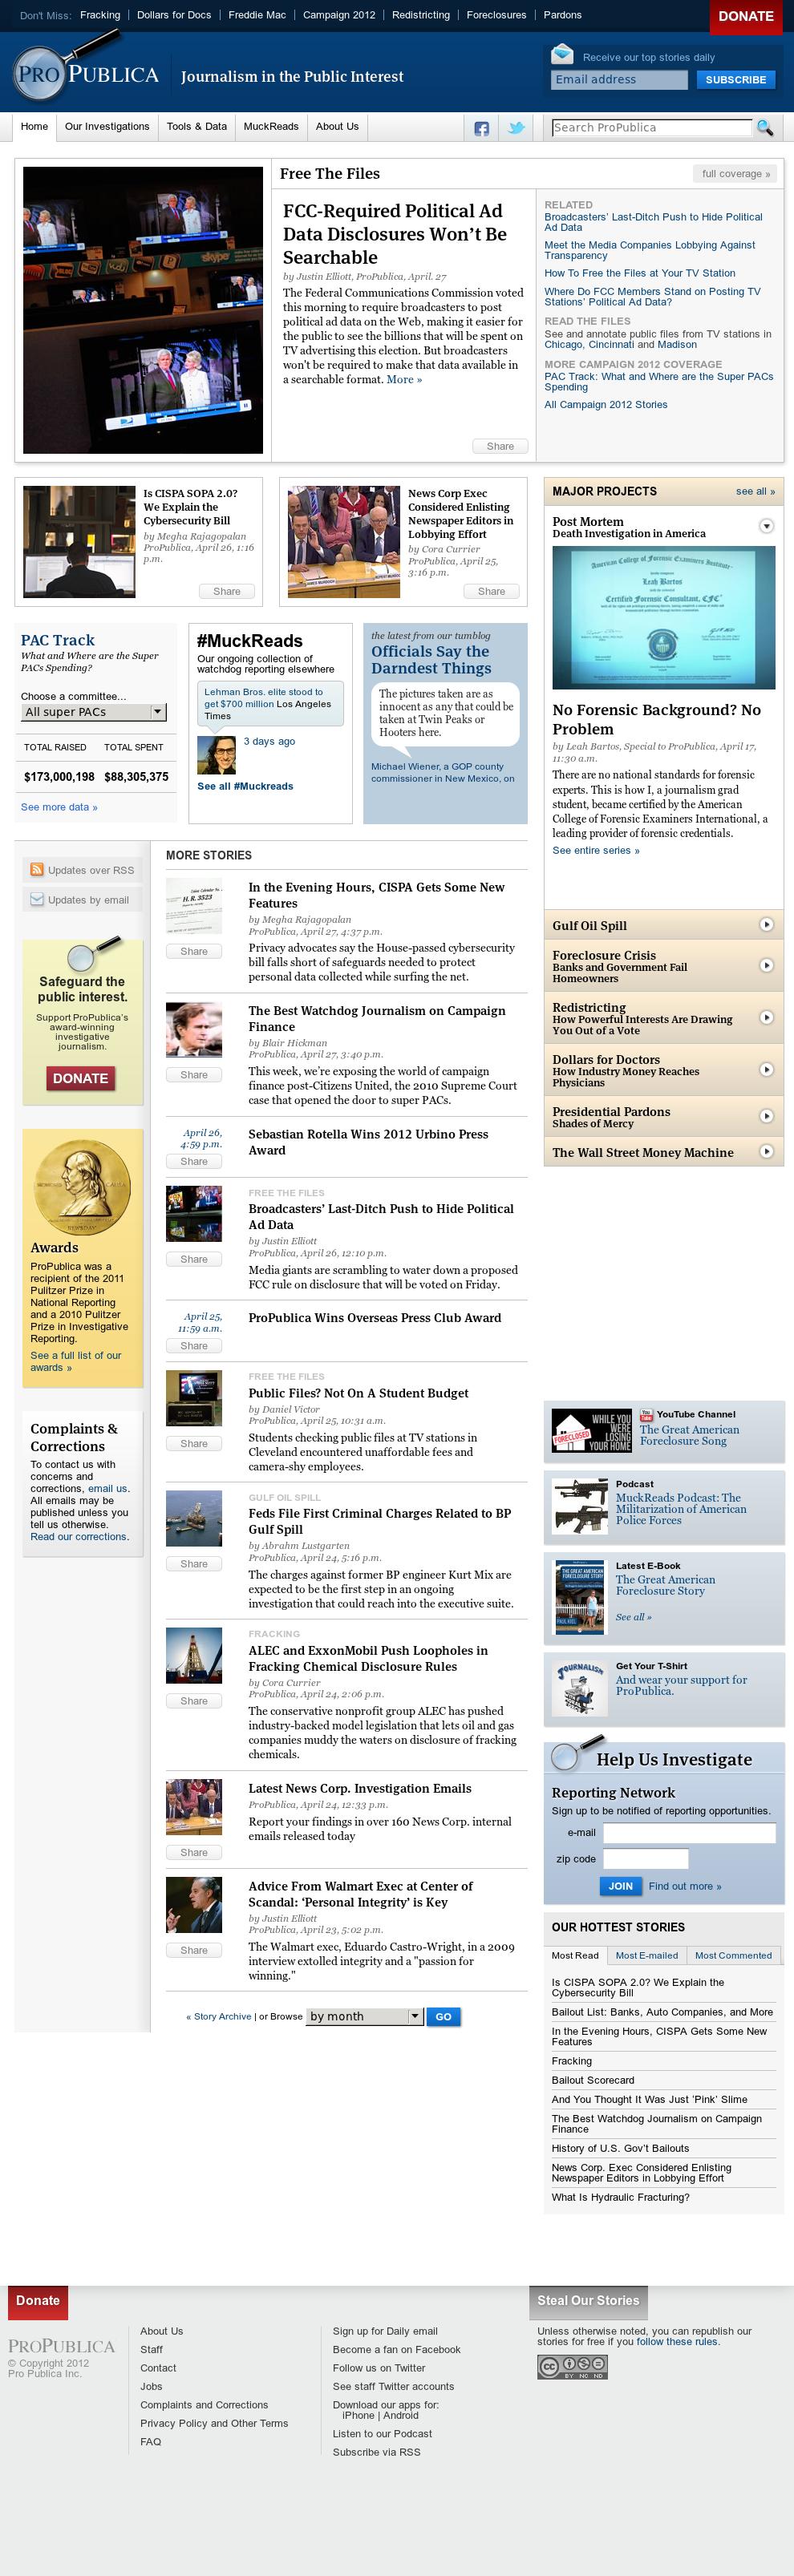 ProPublica at Monday April 30, 2012, 10:09 a.m. UTC